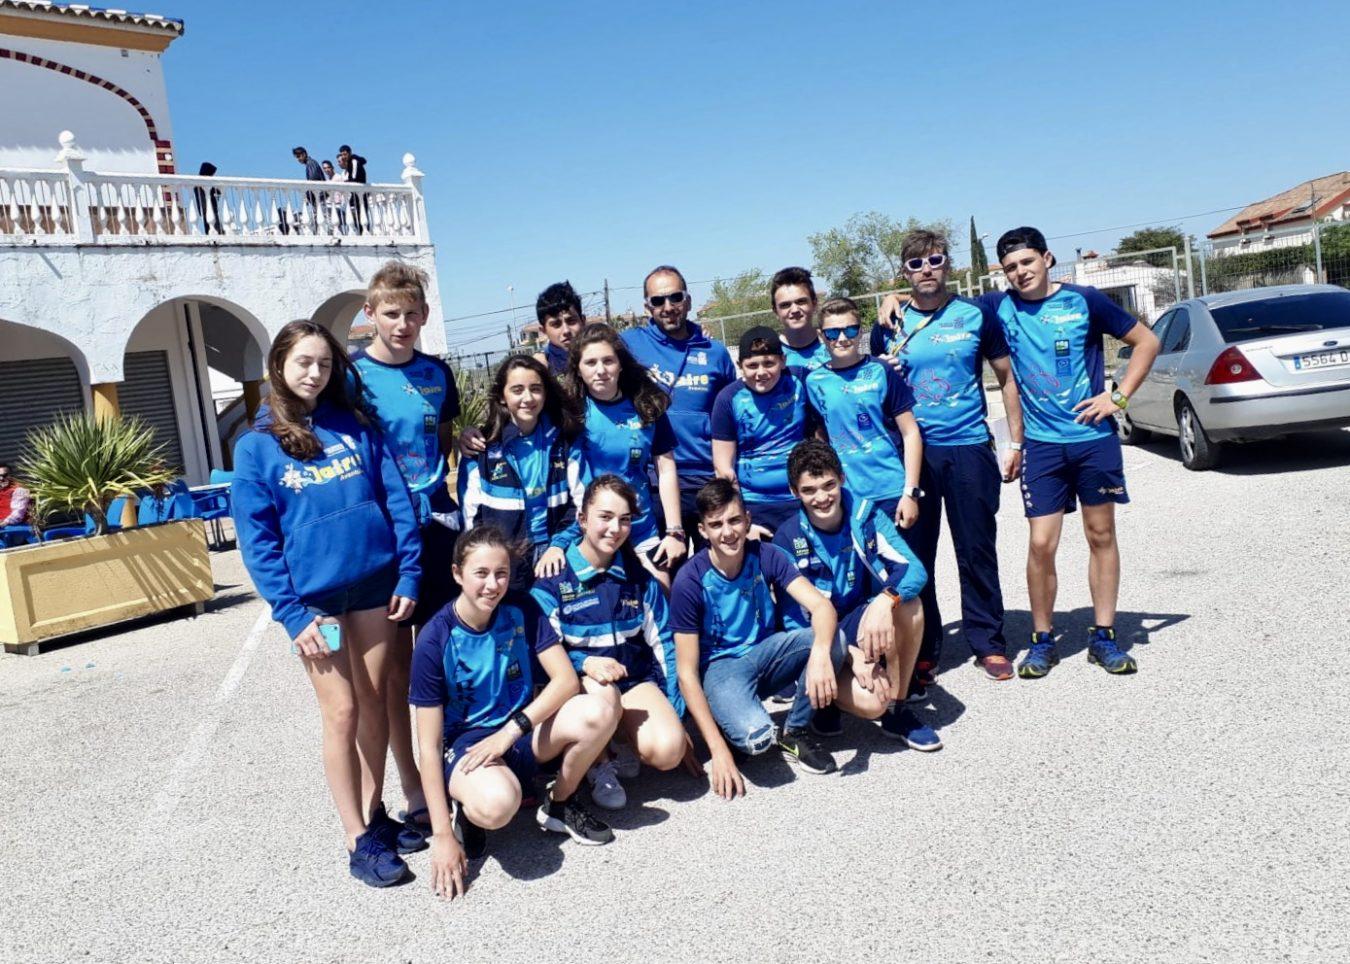 Pedro-Asley en K2 y Los Rápidos por clubes ganan el Descenso del Piloña-Sella